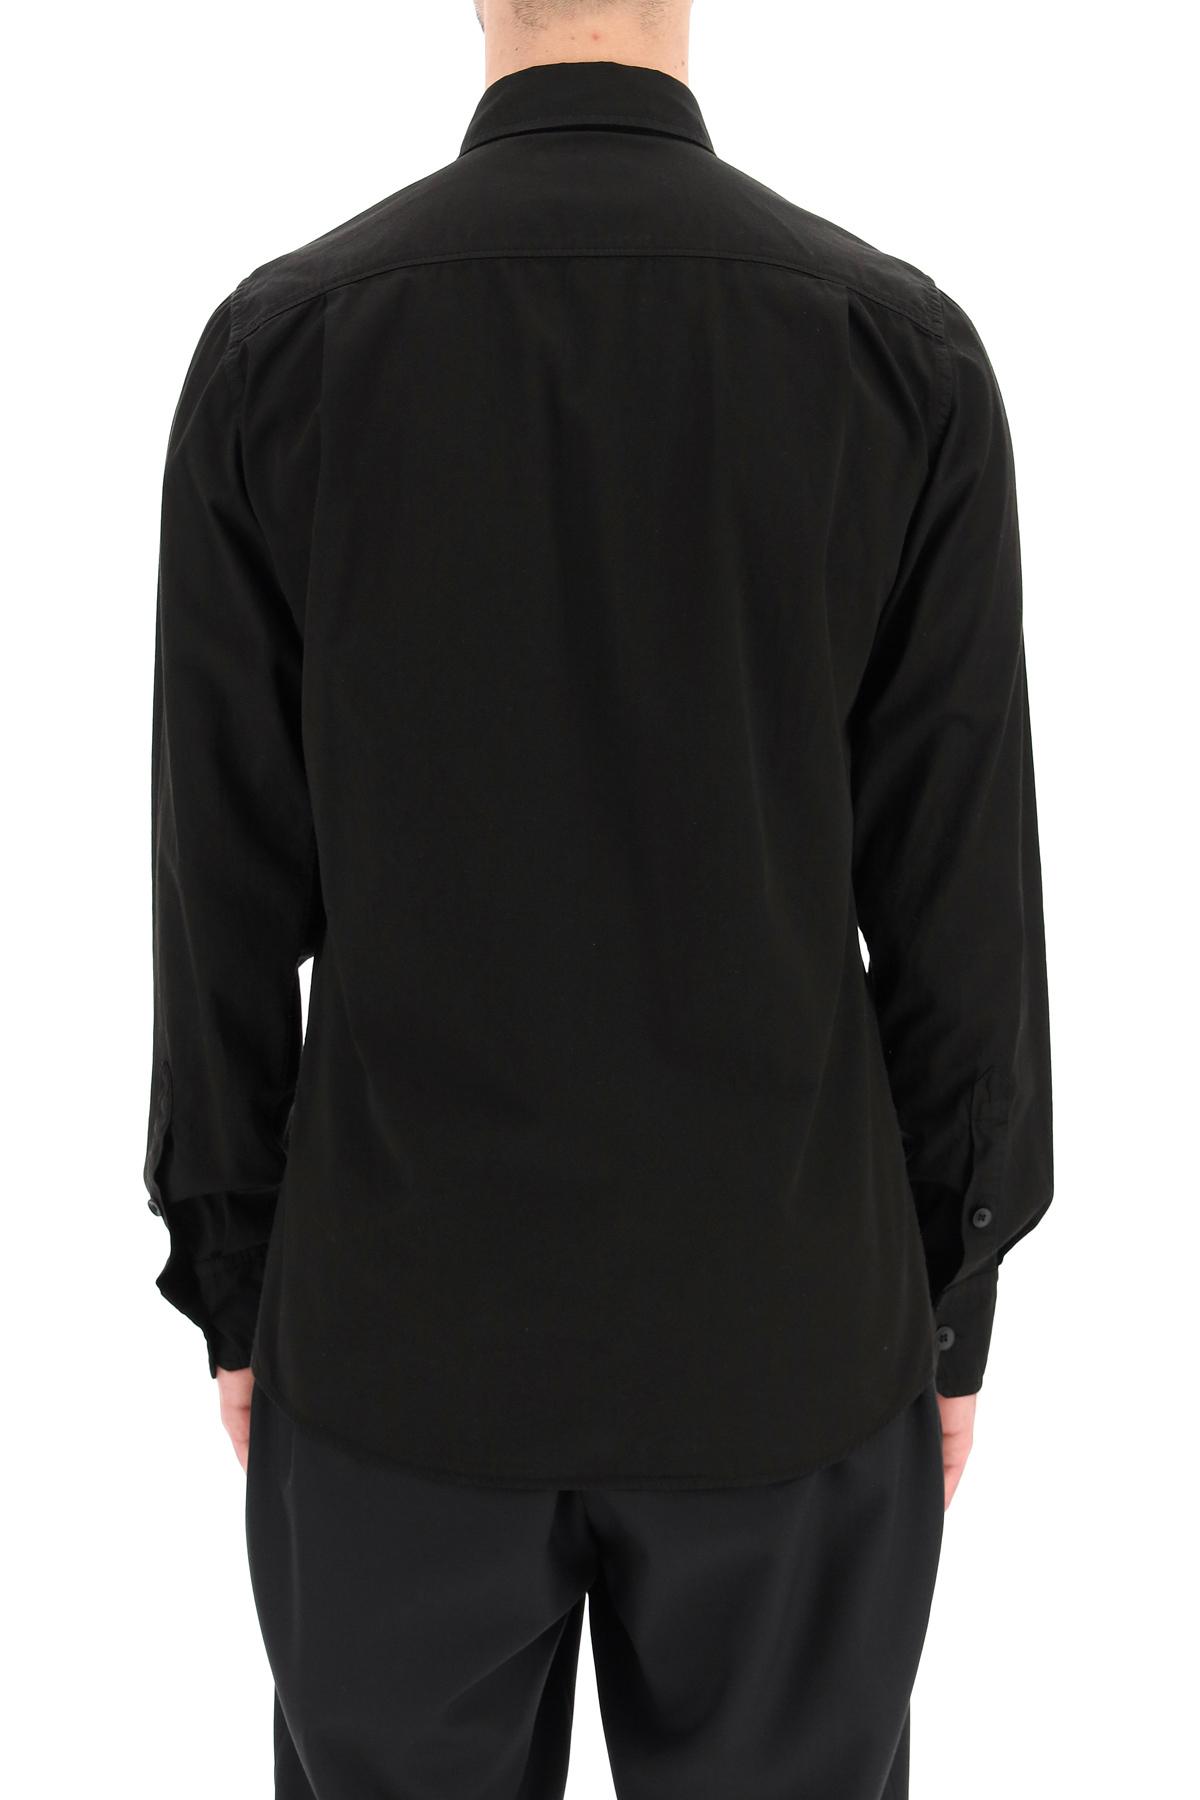 Dolce & gabbana camicia sahariana